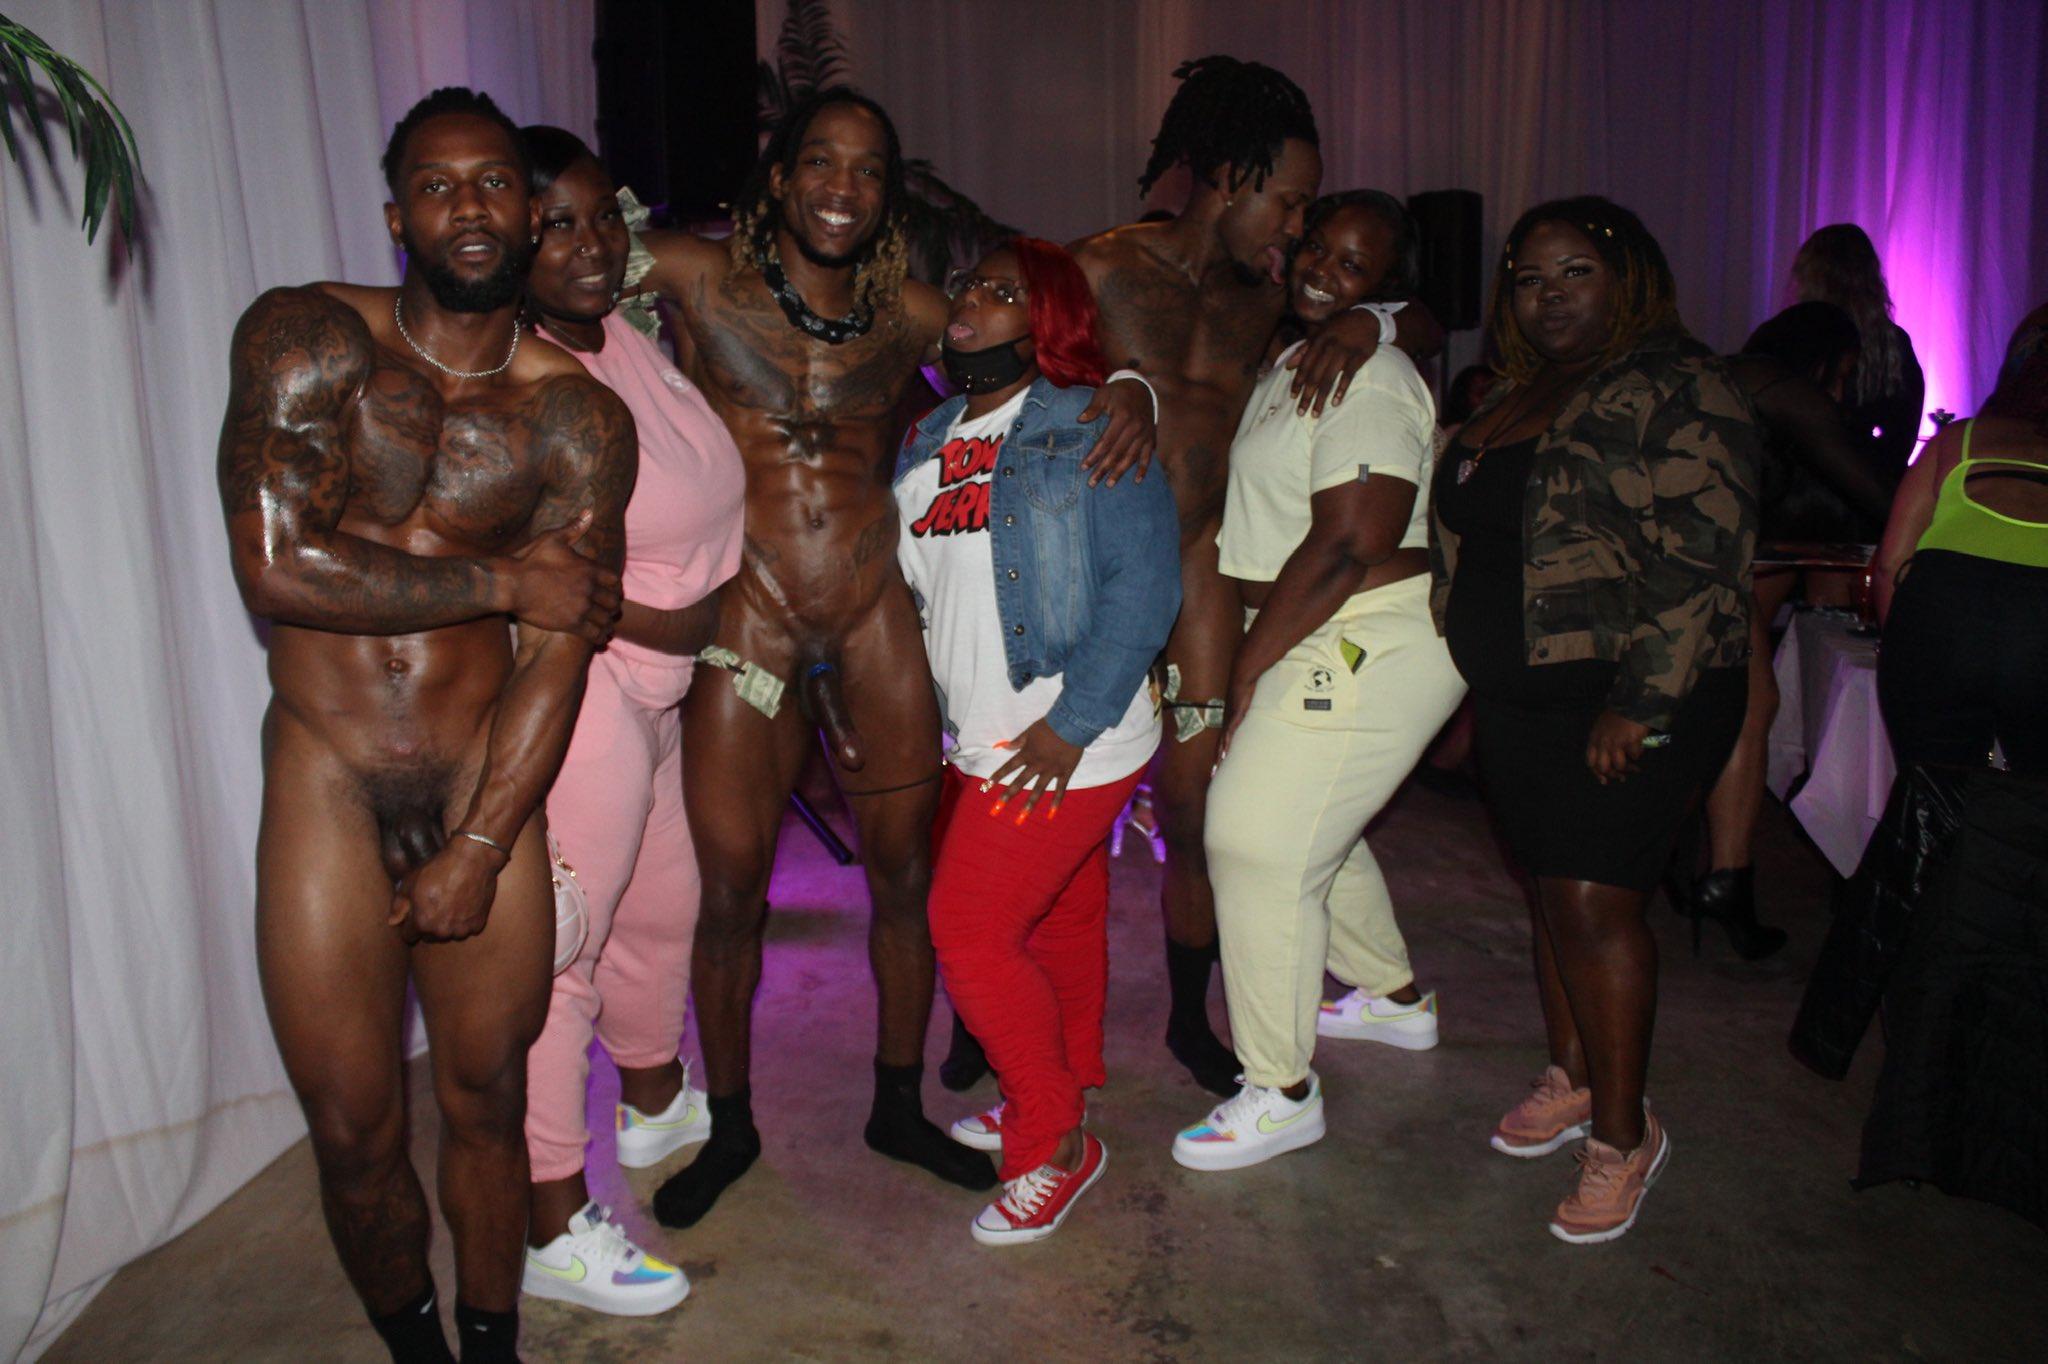 foto con los strippers desnudos